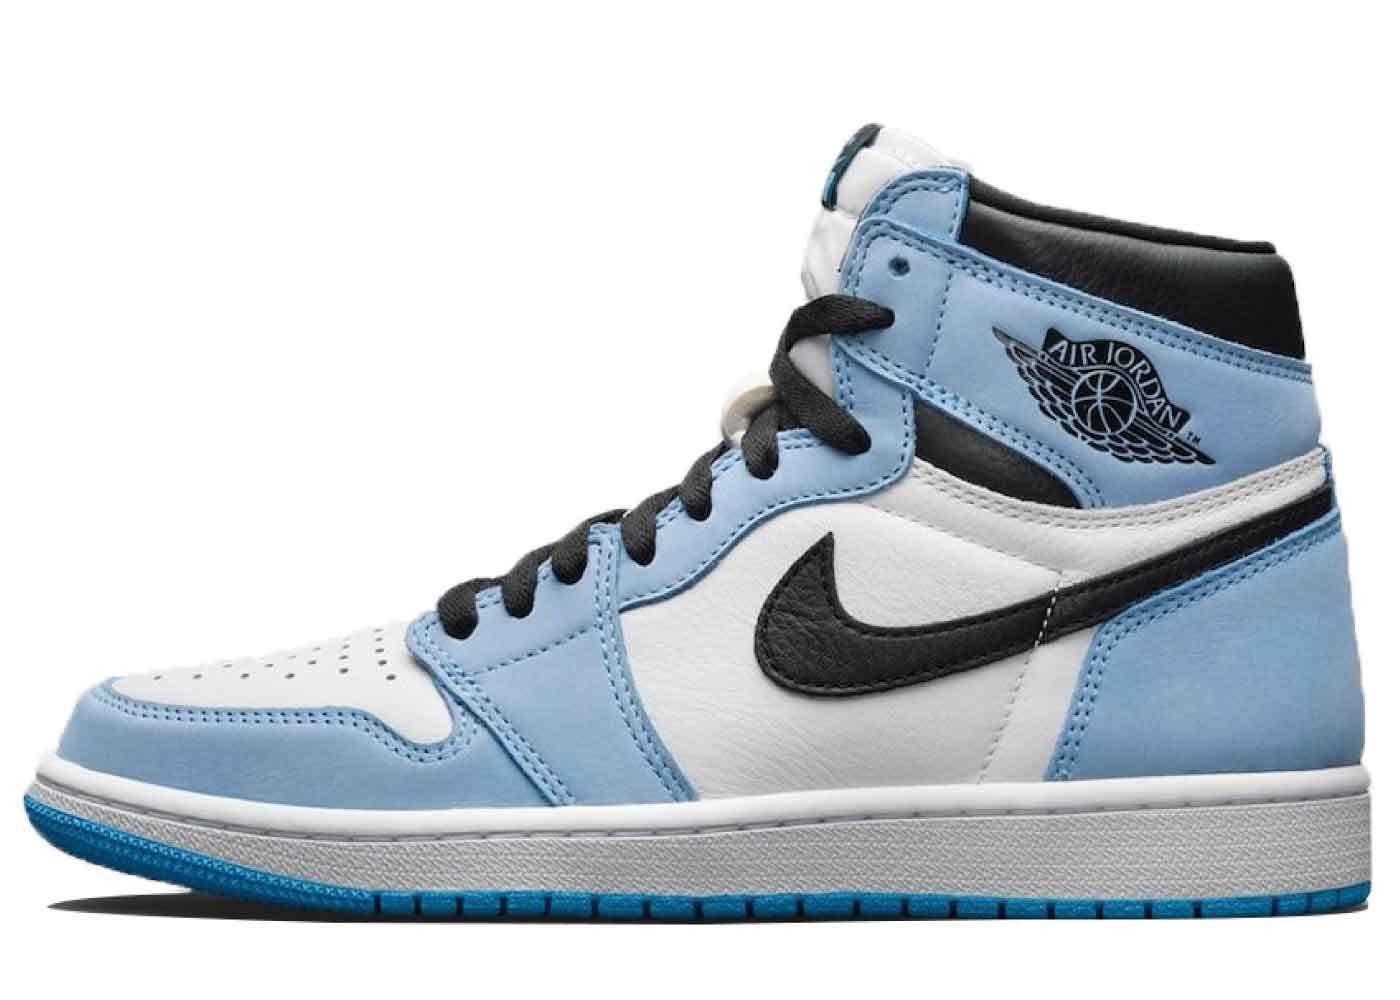 Nike Air Jordan 1 Retro High OG University Blueの写真